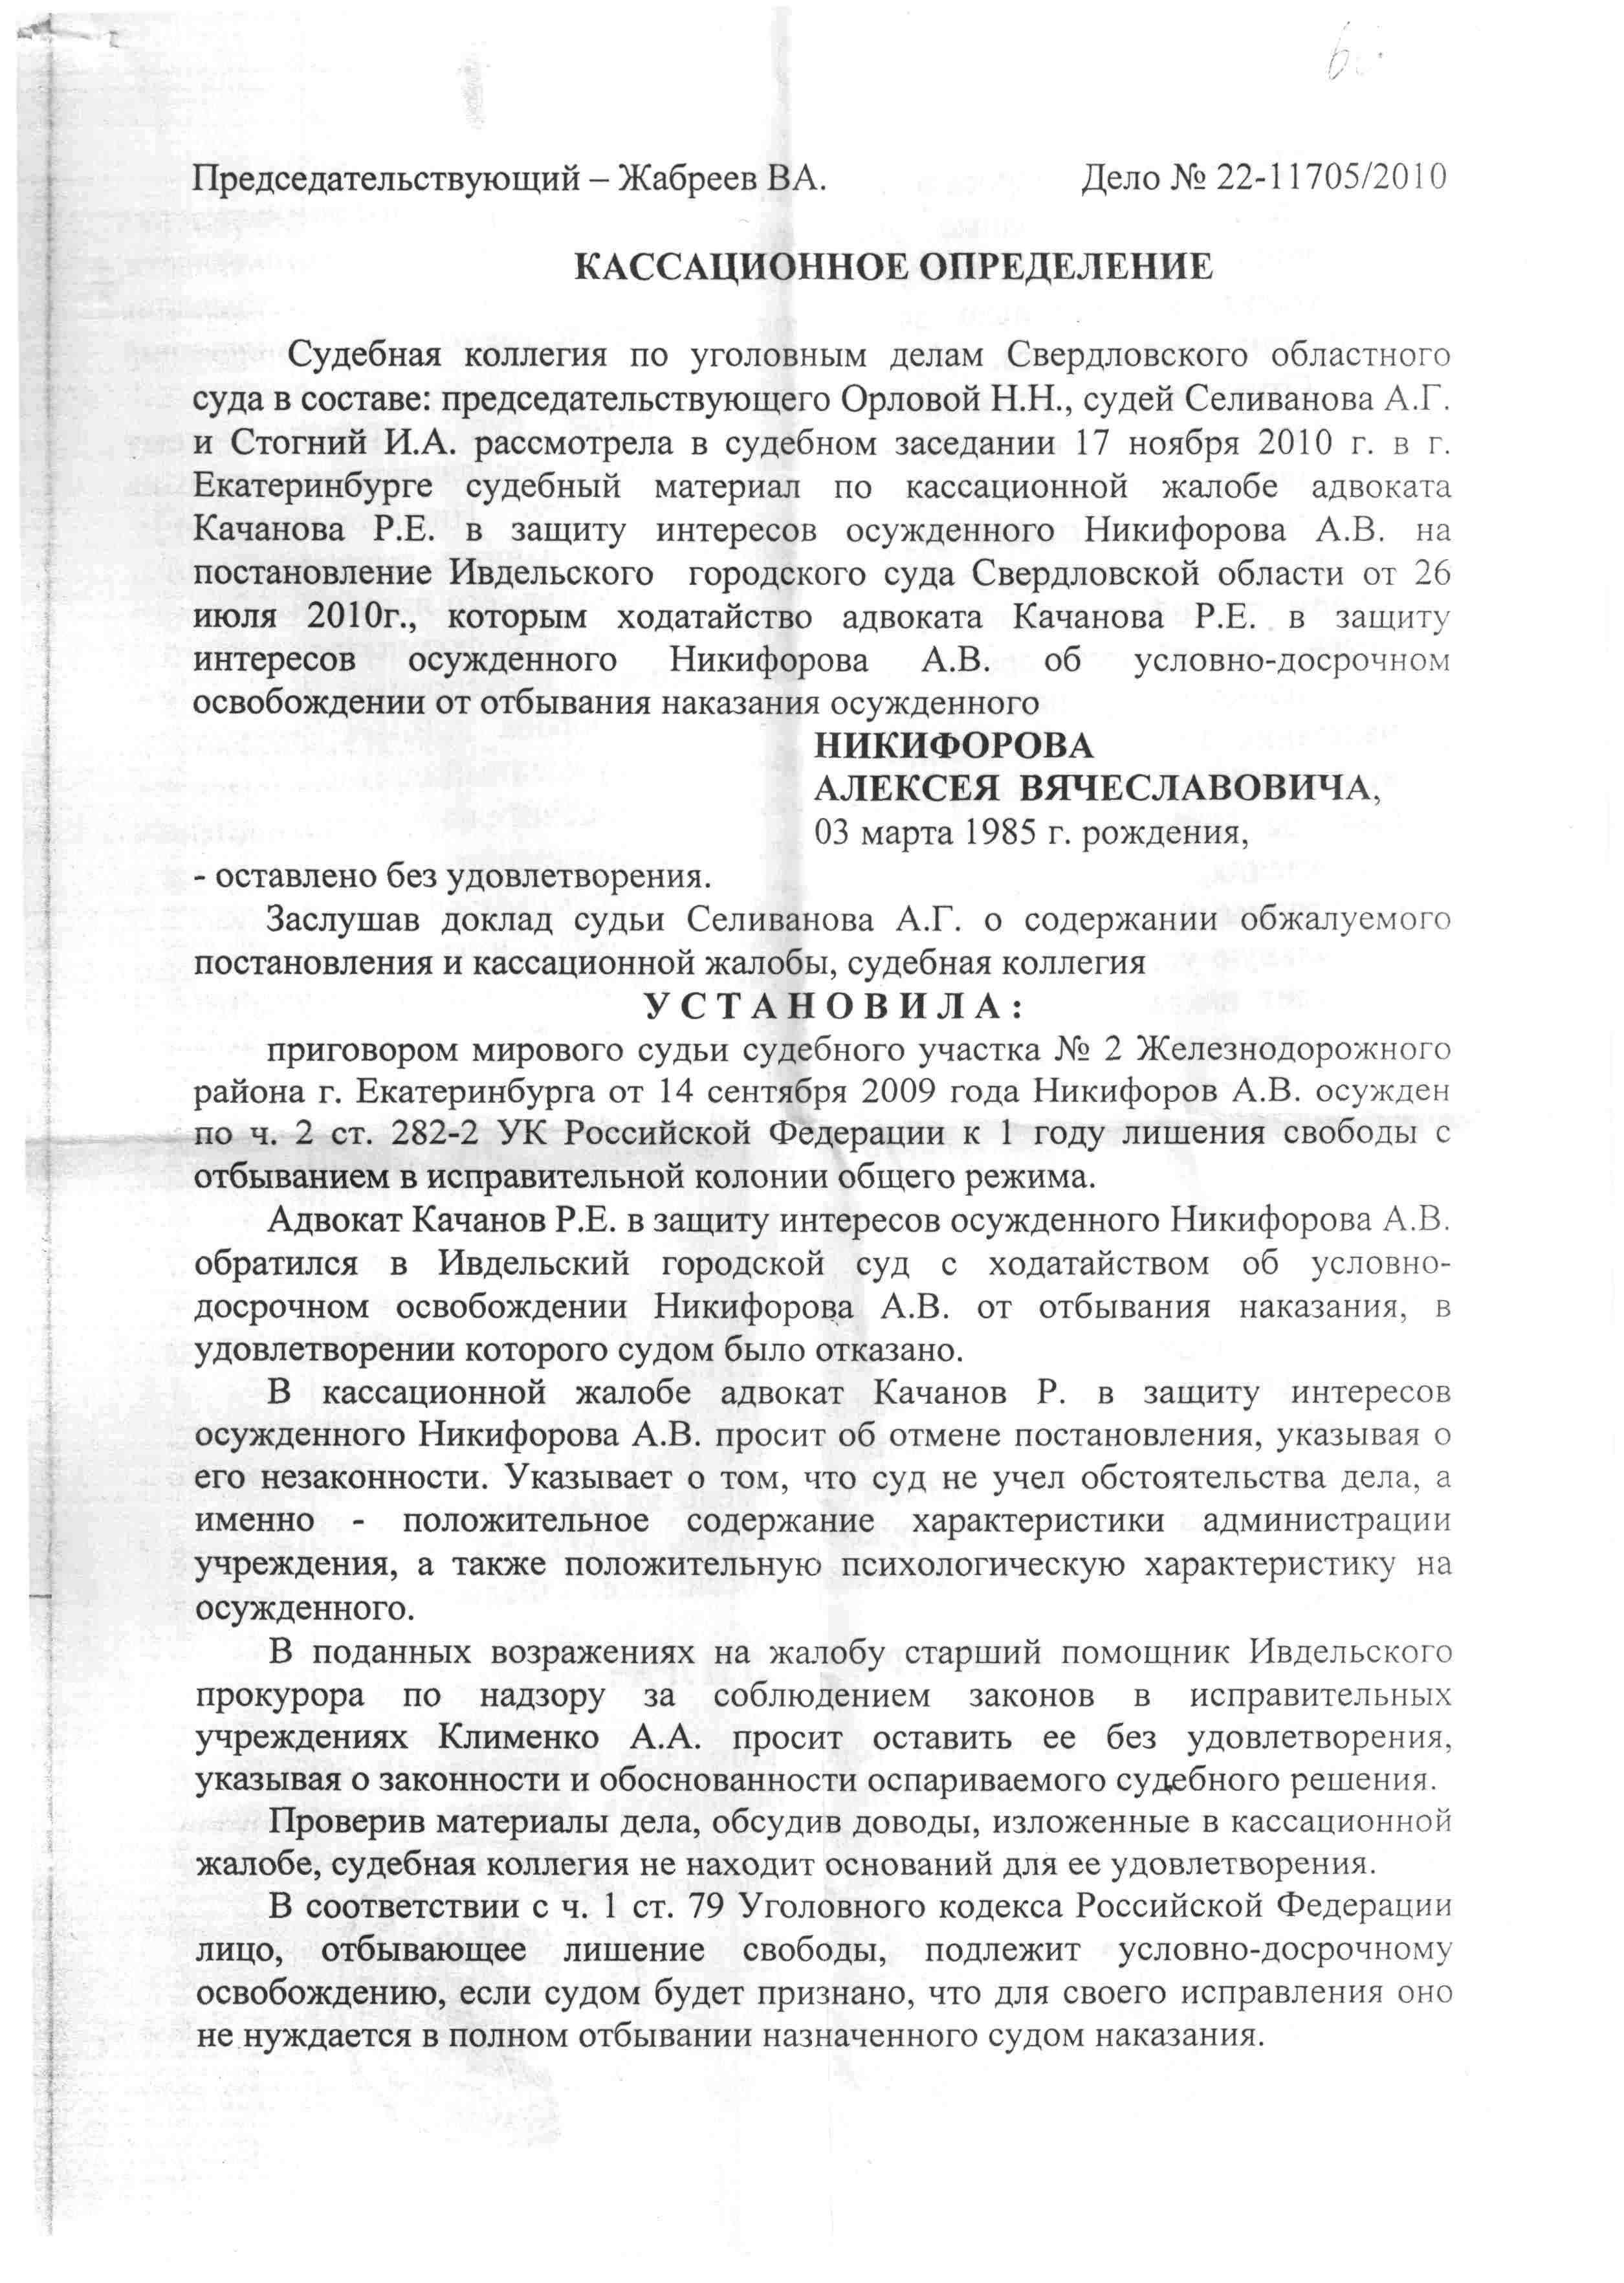 Запрет на регистрационные действия закона об исполнительном производстве